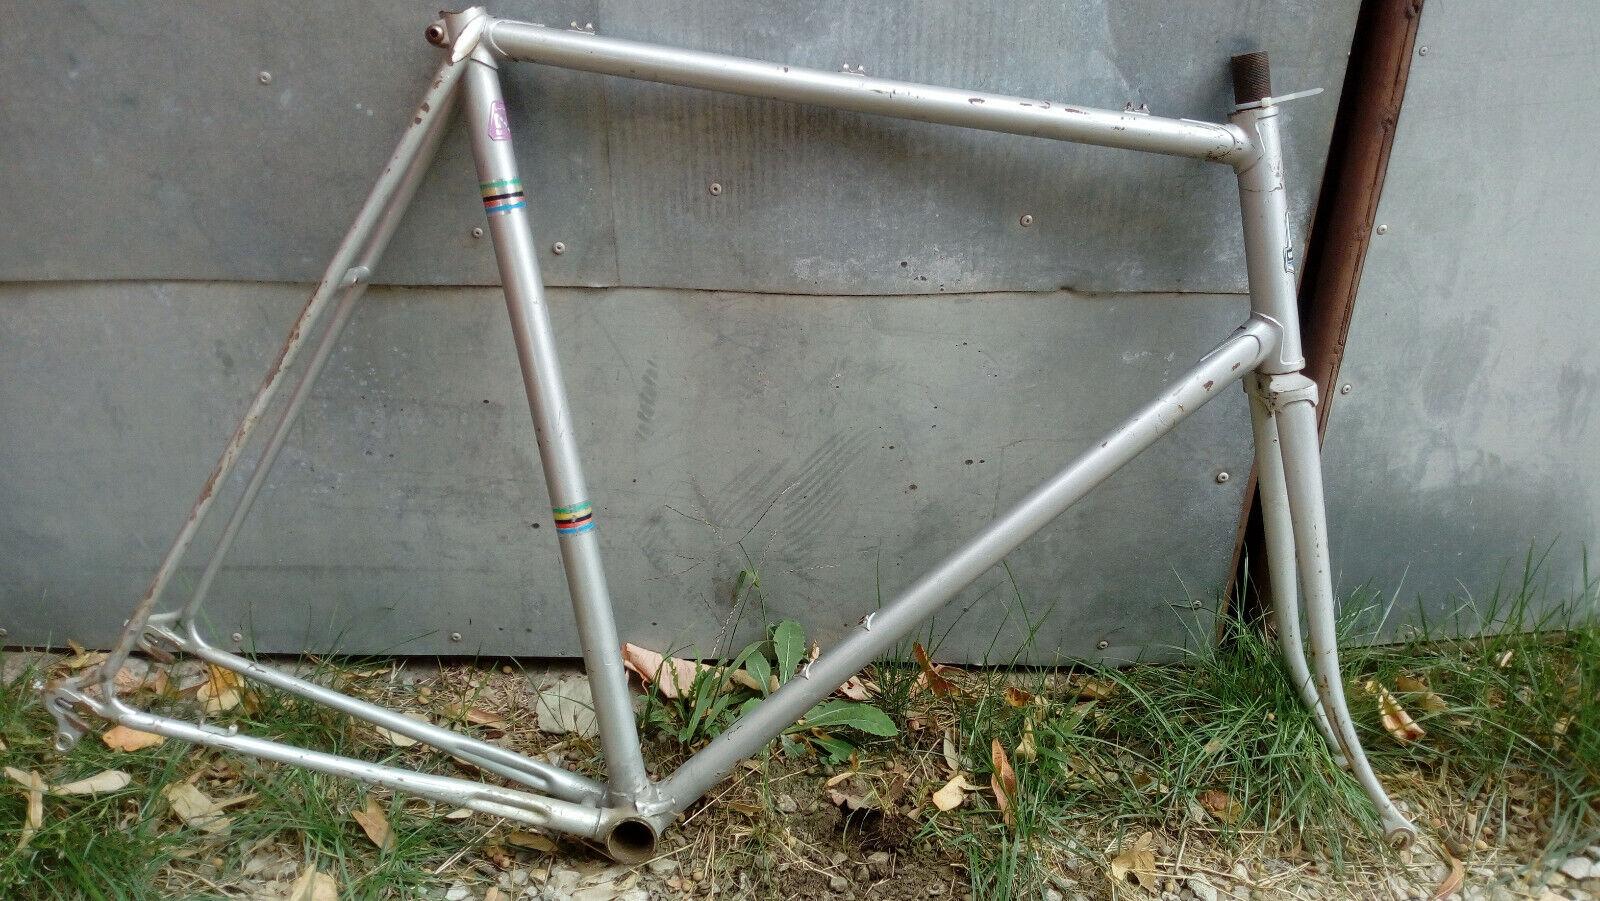 Vintage Vanheste road racing bike frameset, Ishiwata 022 CrMo I.S.Super